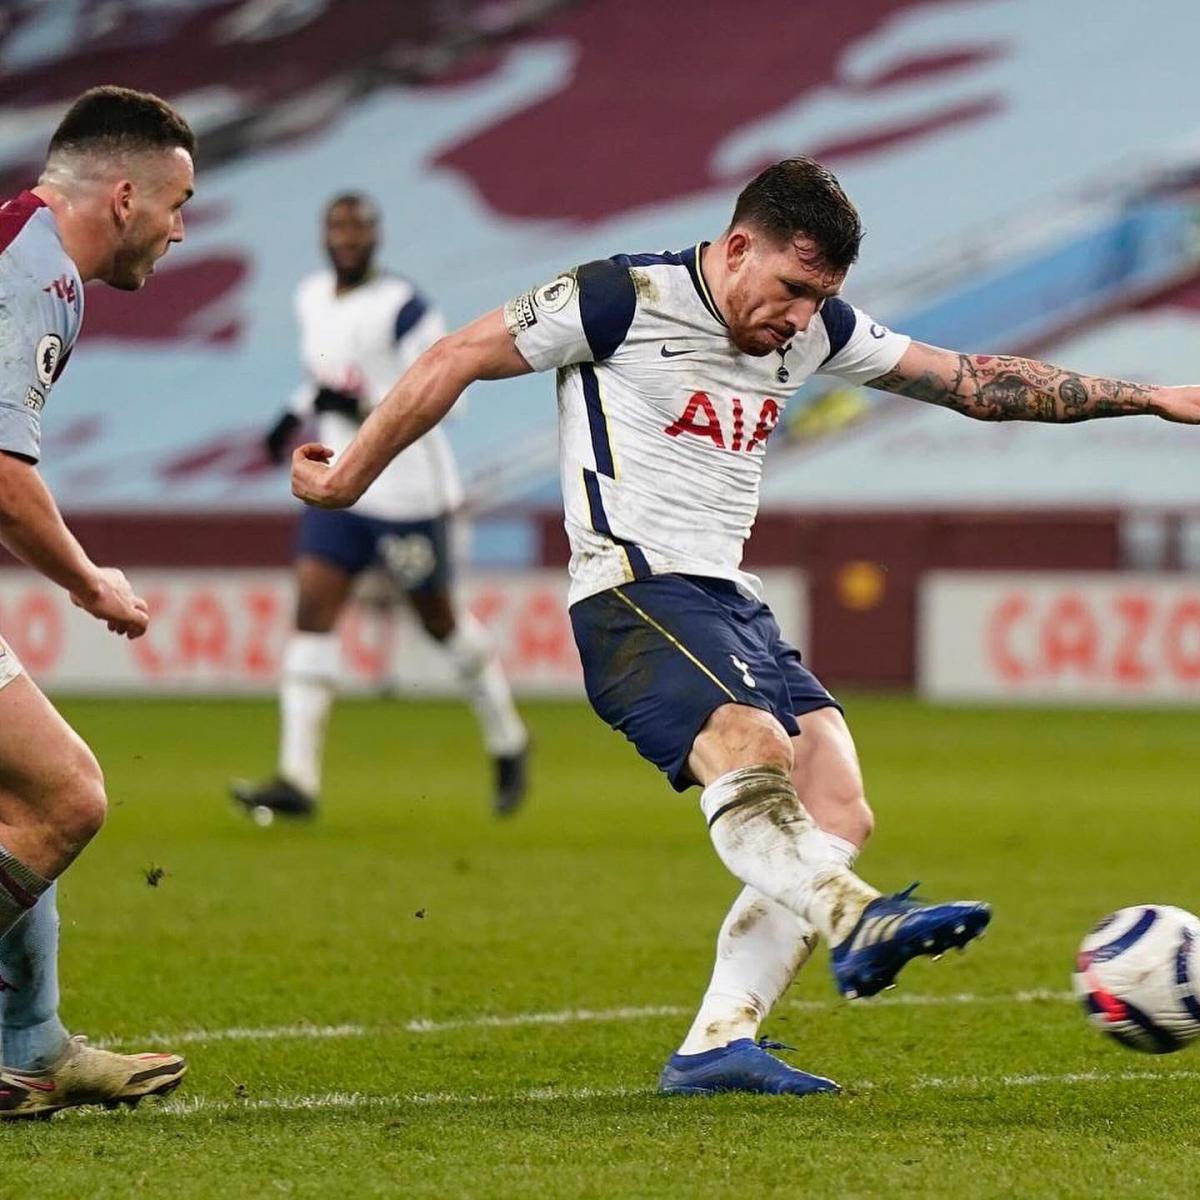 Matt Doherty golpeando con violencia el balón / Foto: Tottenham